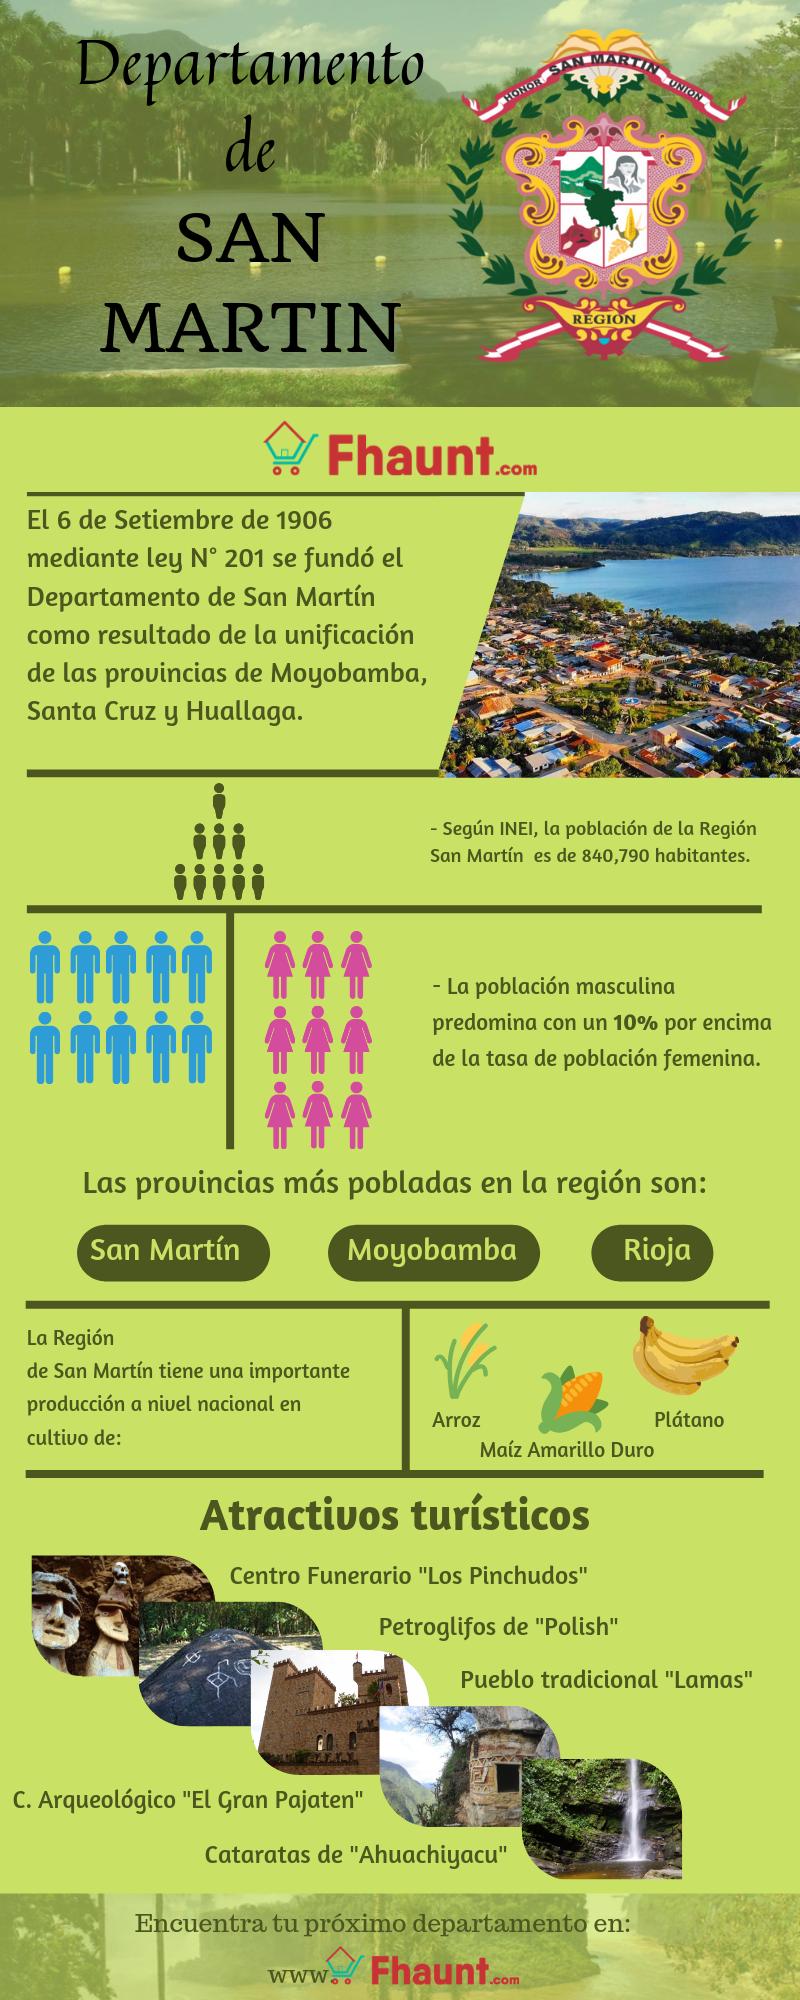 Infografia sobre el Departamento de San Martin